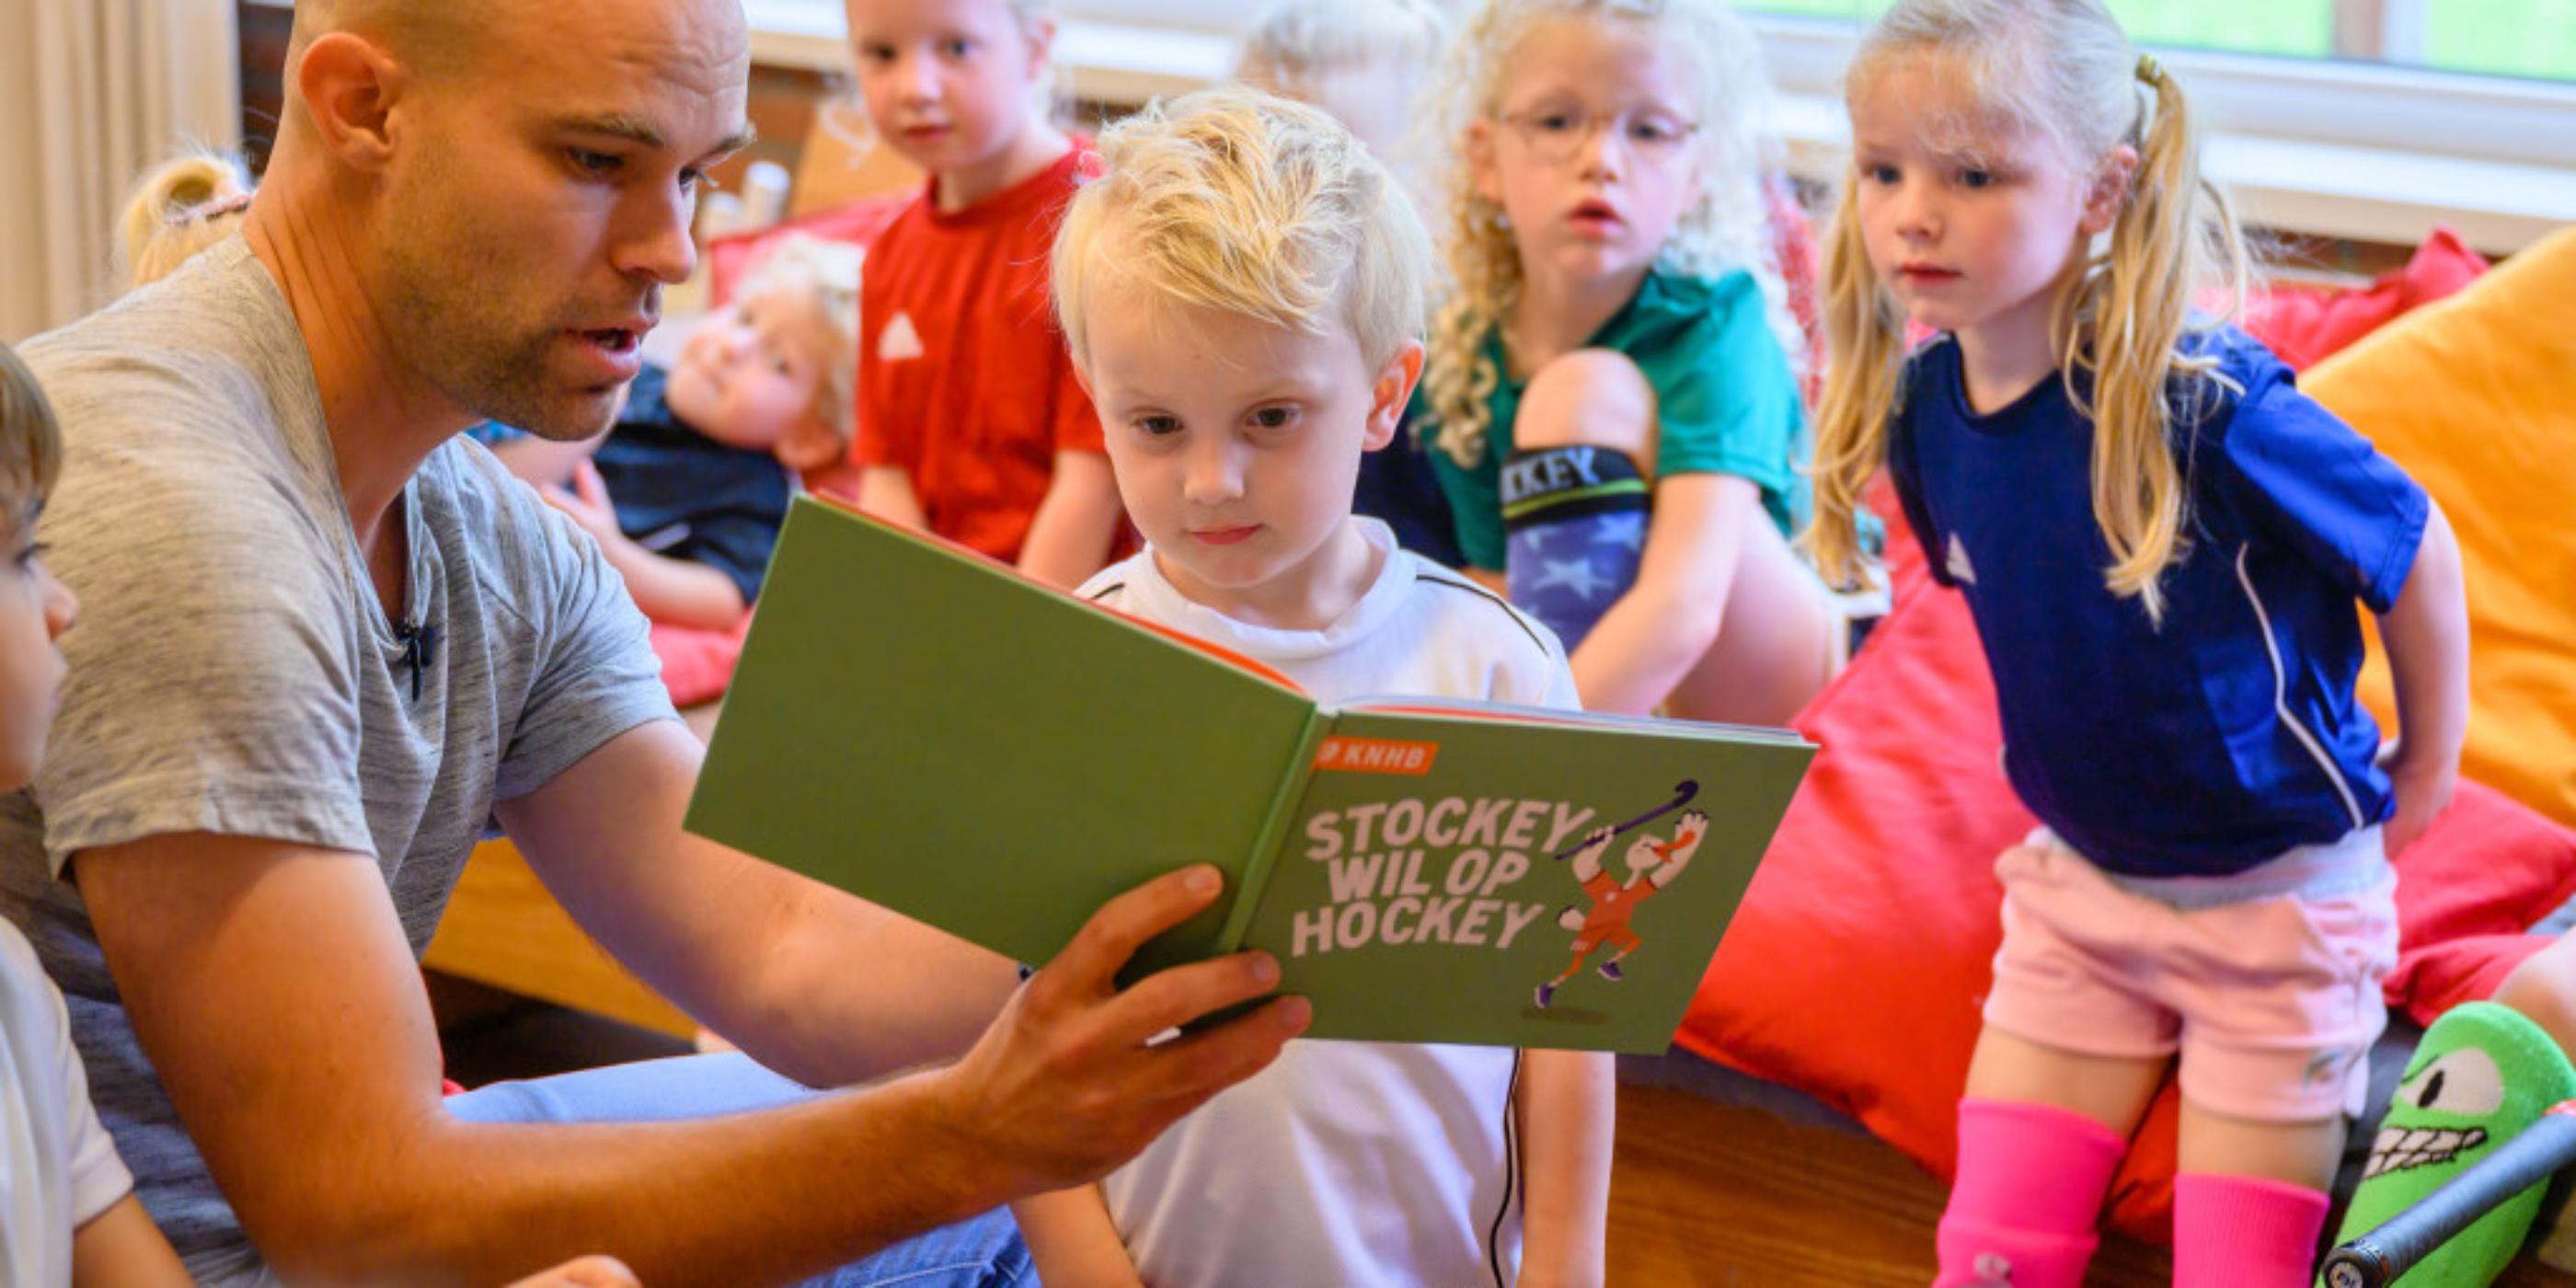 Voorleesboekje 'Stockey wil op hockey' stimuleert breed motorisch bewegen